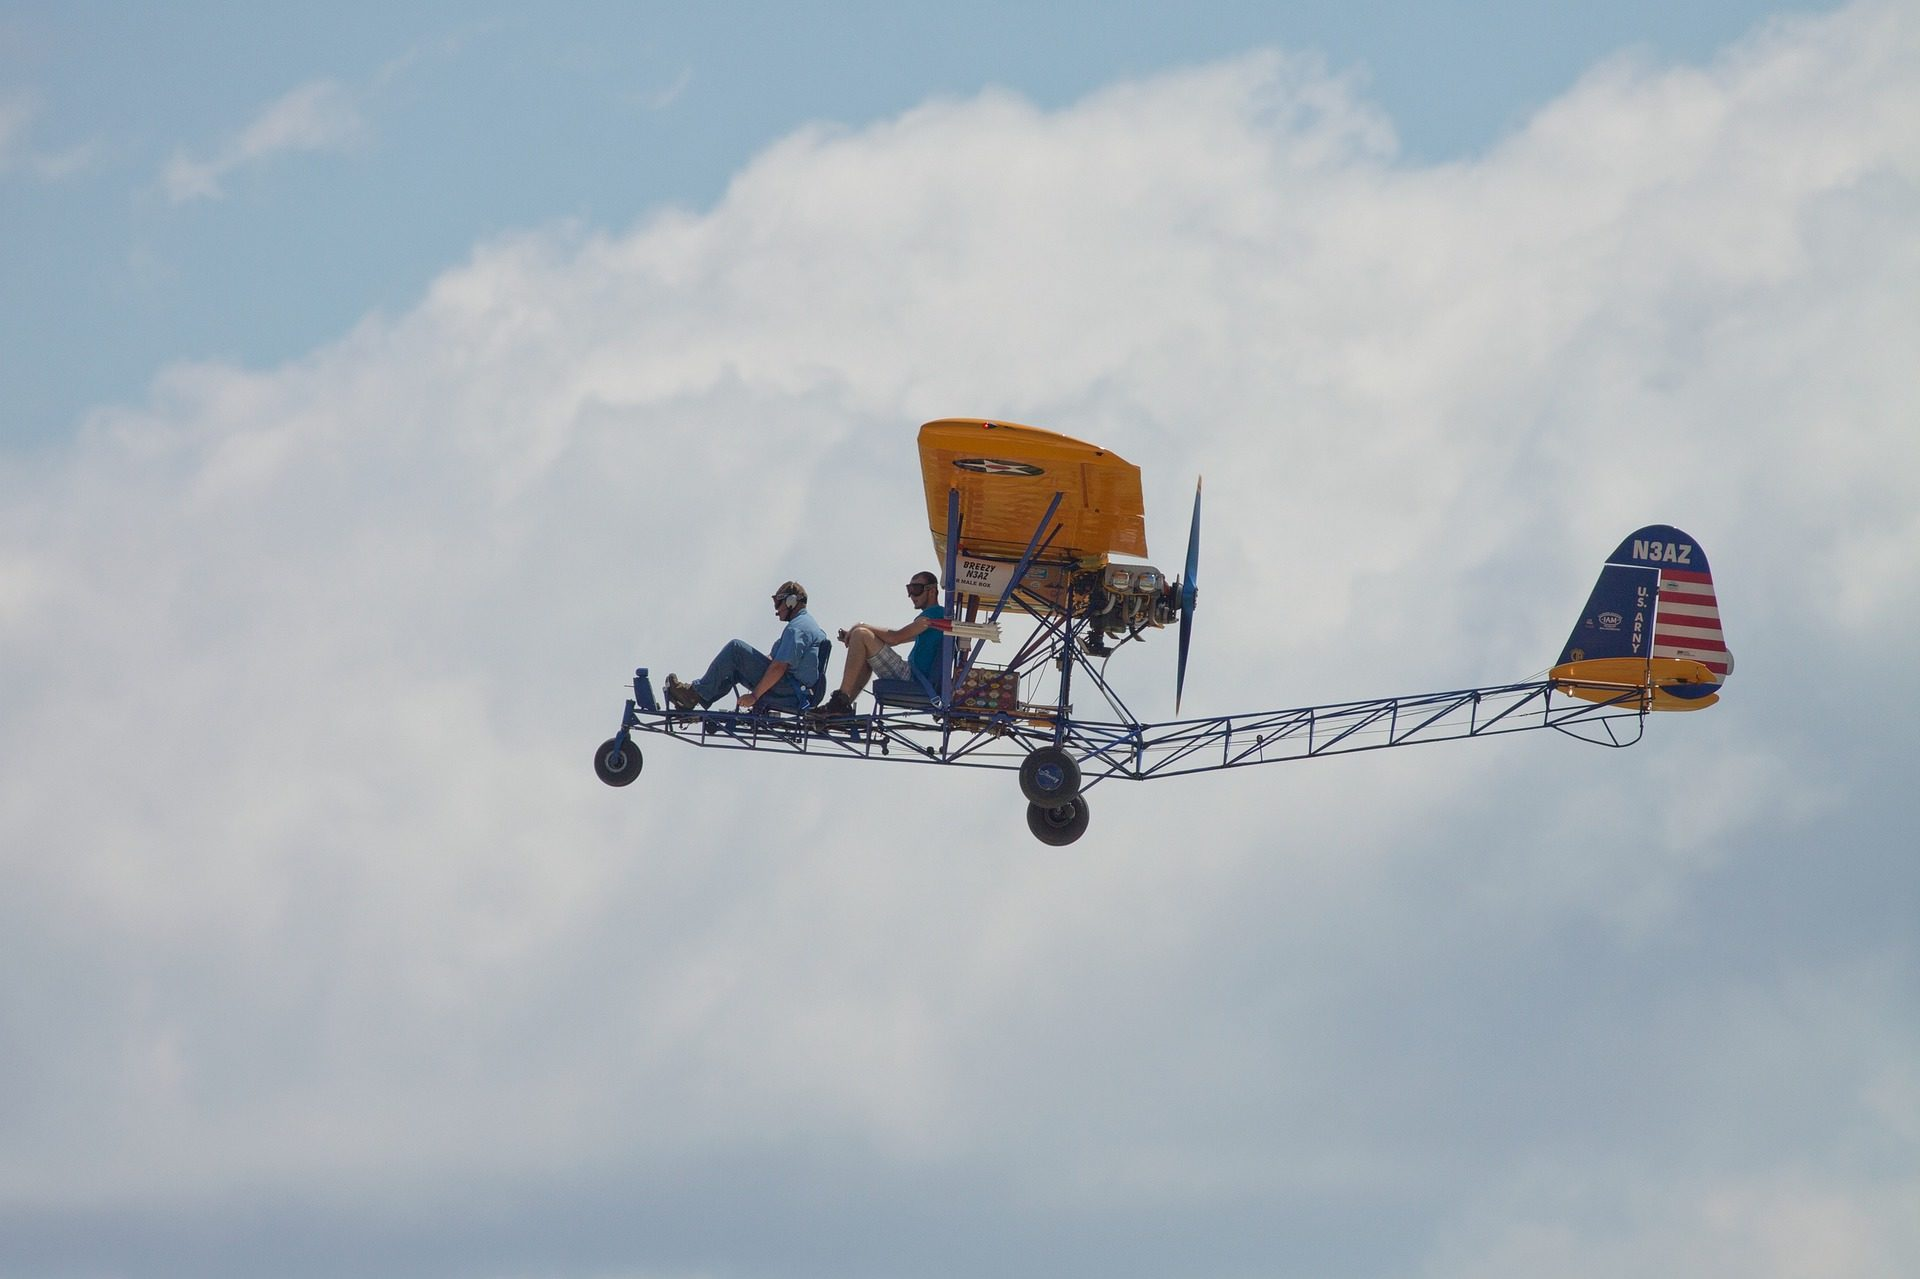 avion, Ultralight, vol, Nuages de ciel, avions légers - Fonds d'écran HD - Professor-falken.com